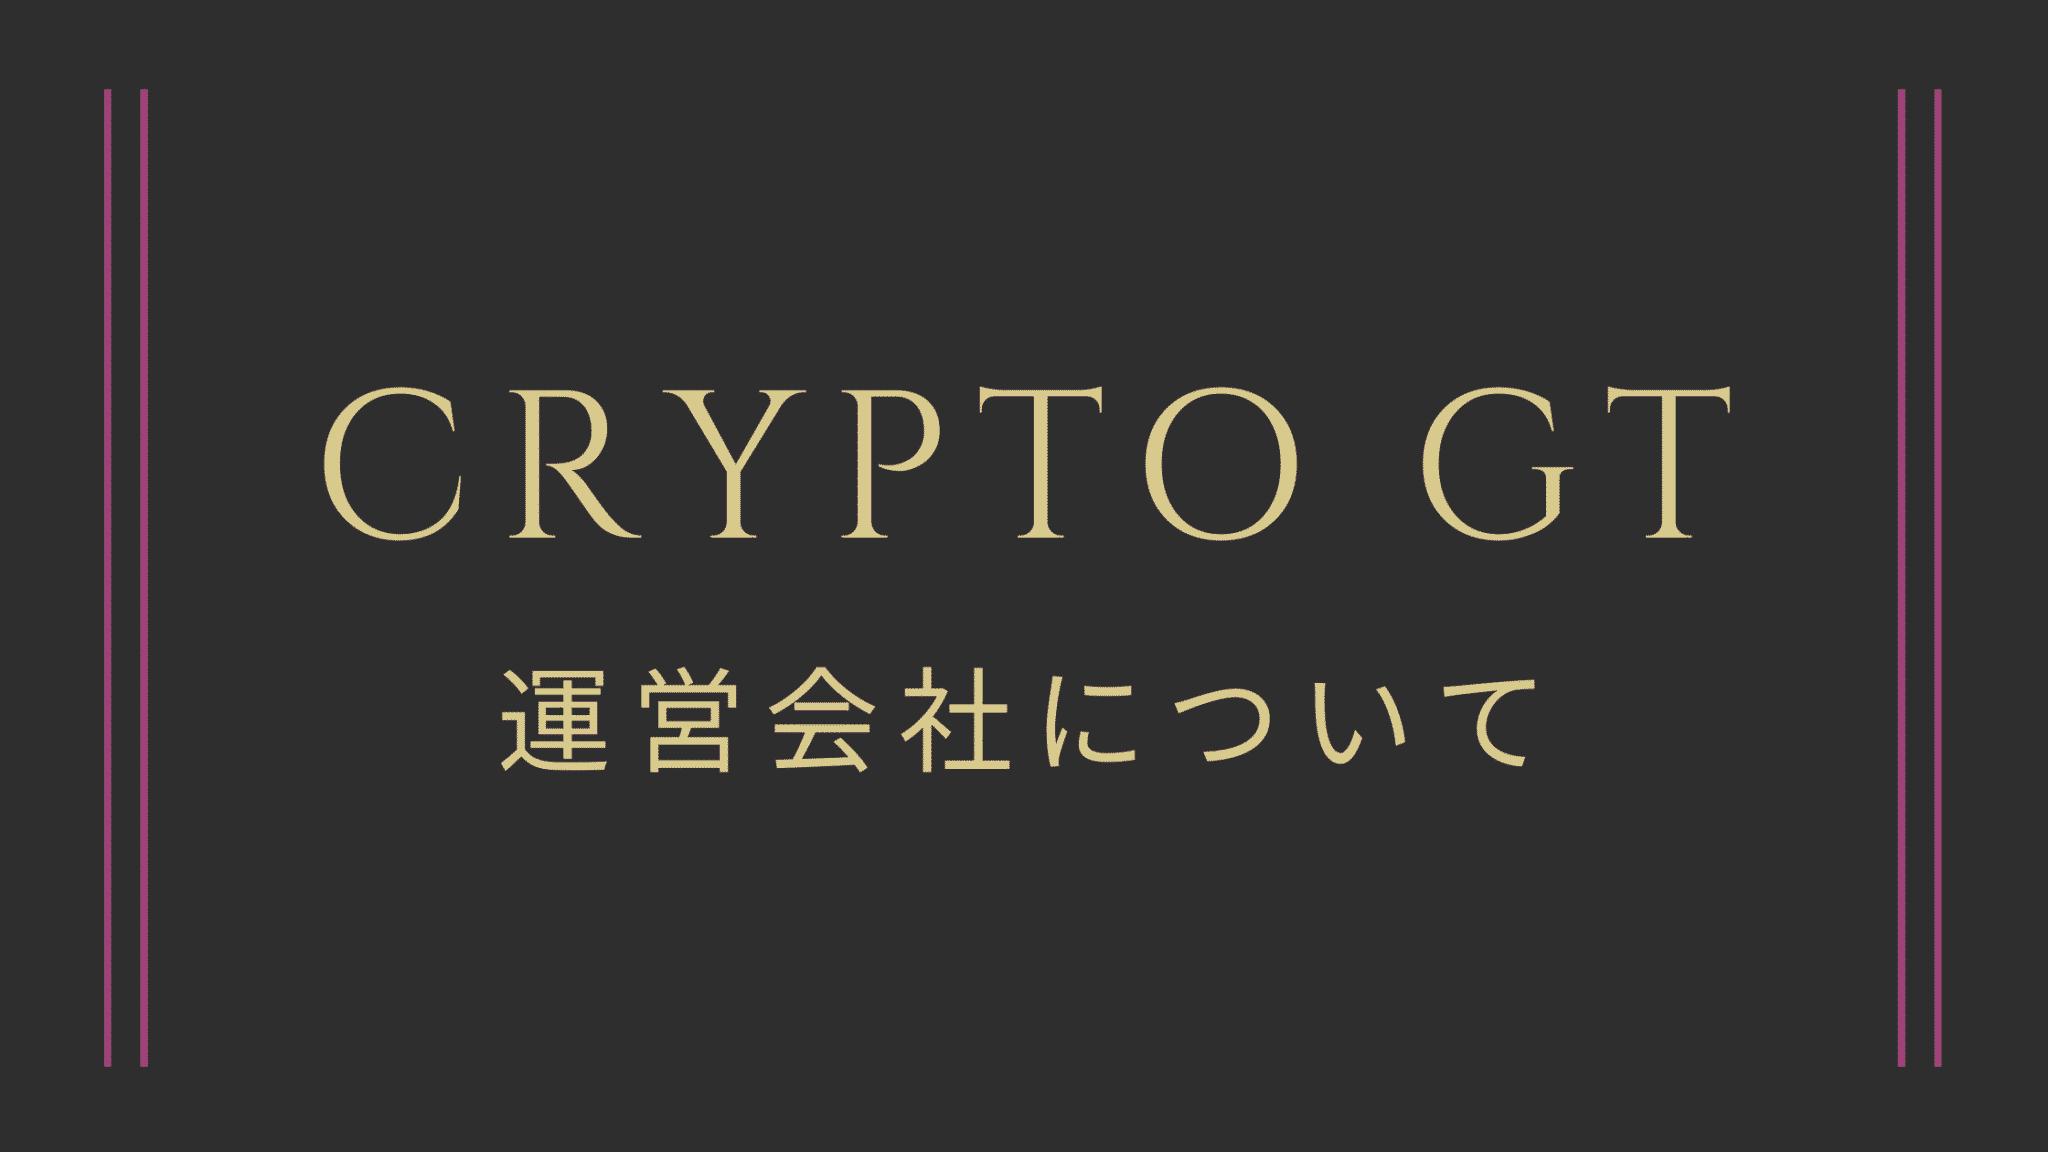 crypto gt 運営会社